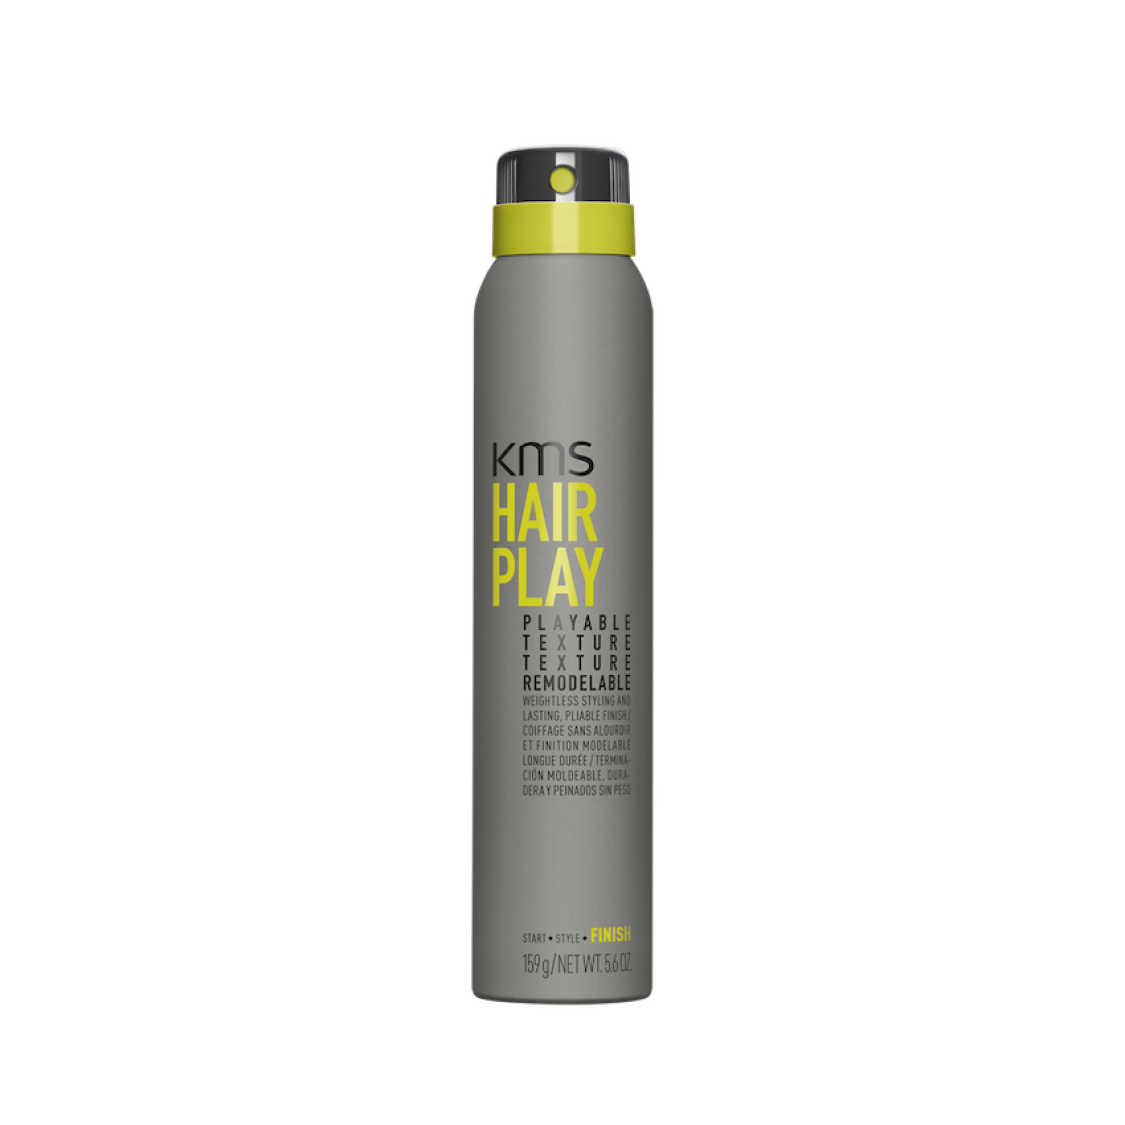 KMS - Hair Play Playable Texture 200ml